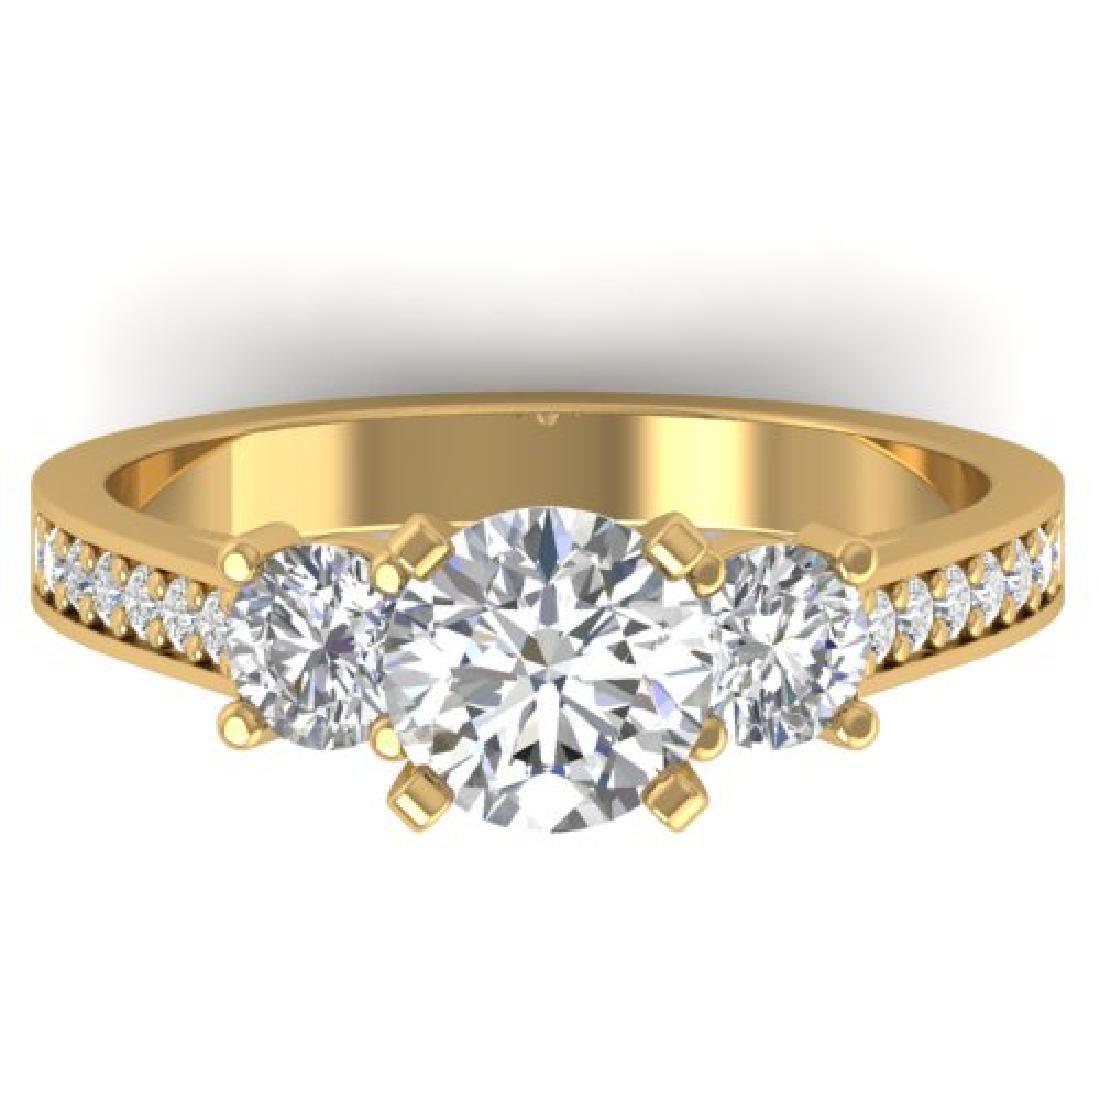 1.75 CTW Certified VS/SI Diamond 3 Stone Ring 18K